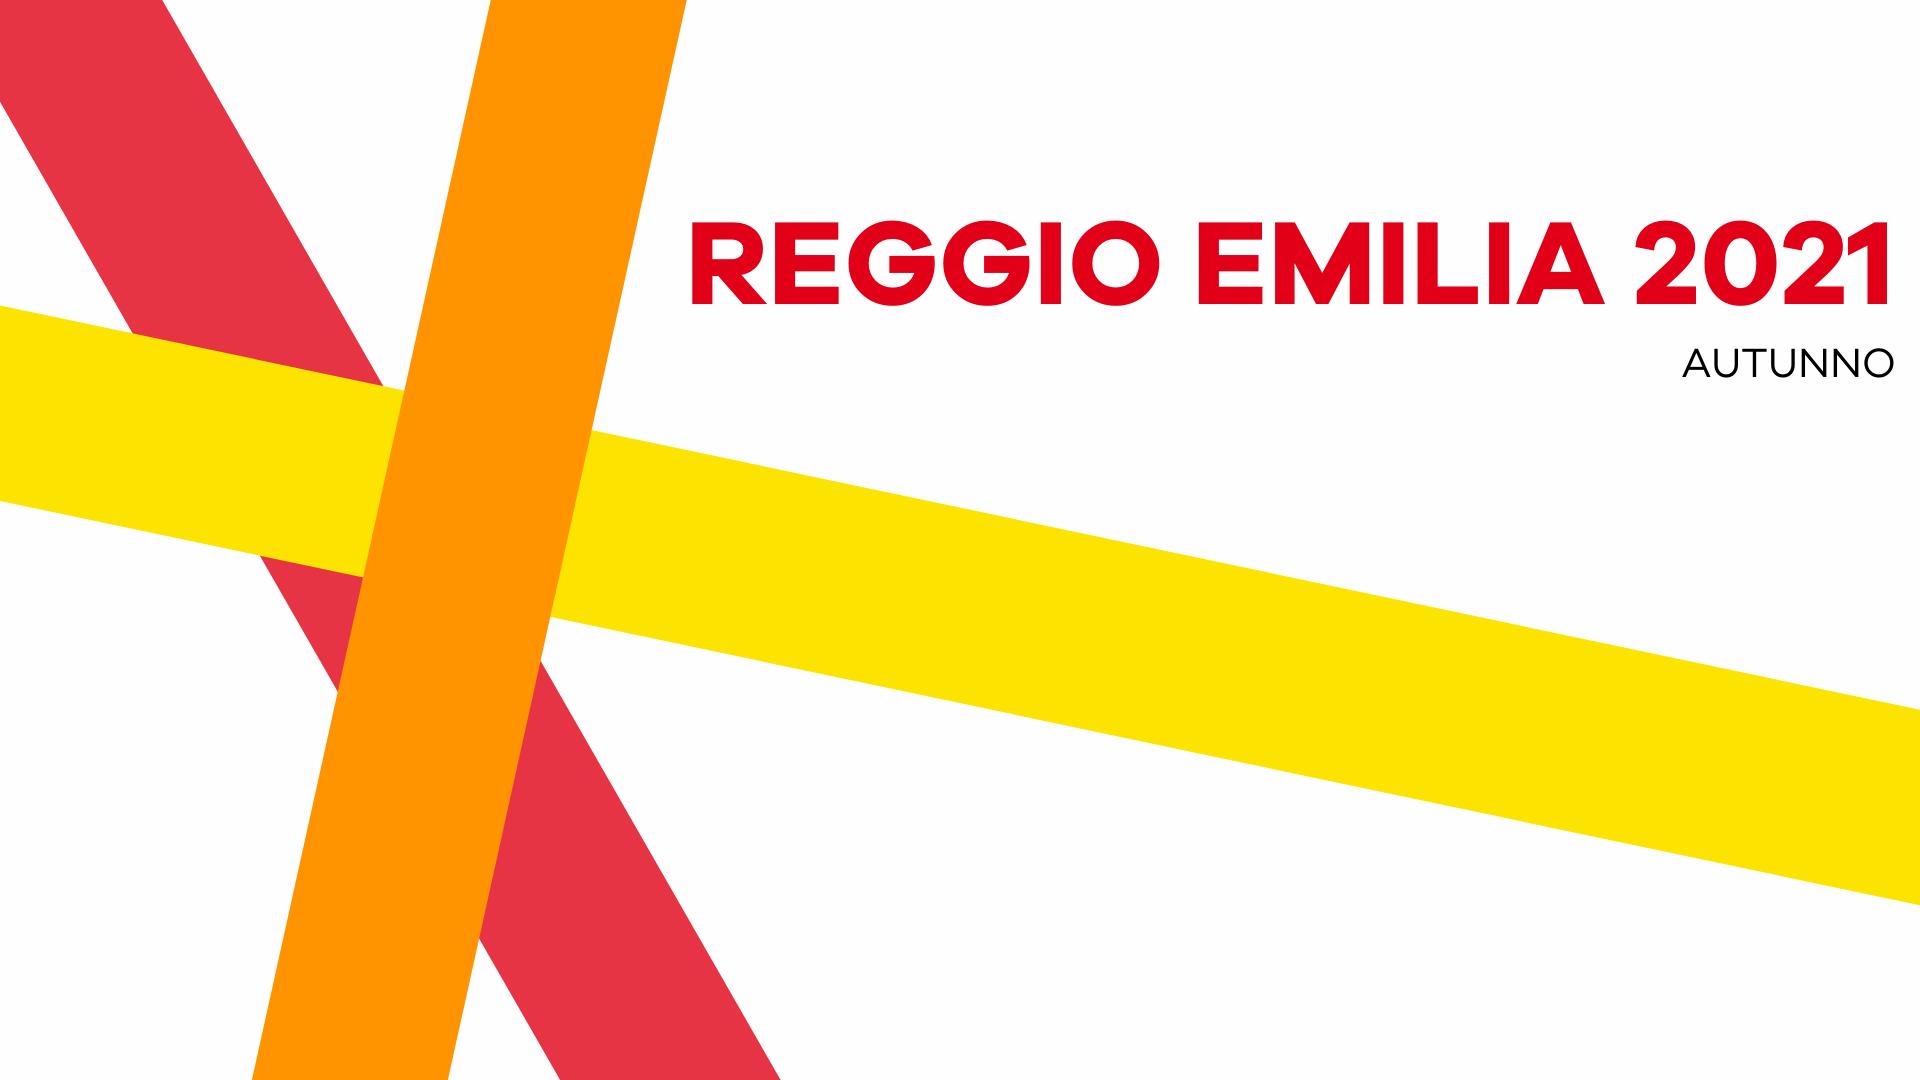 Reggio Emilia 2021 Online